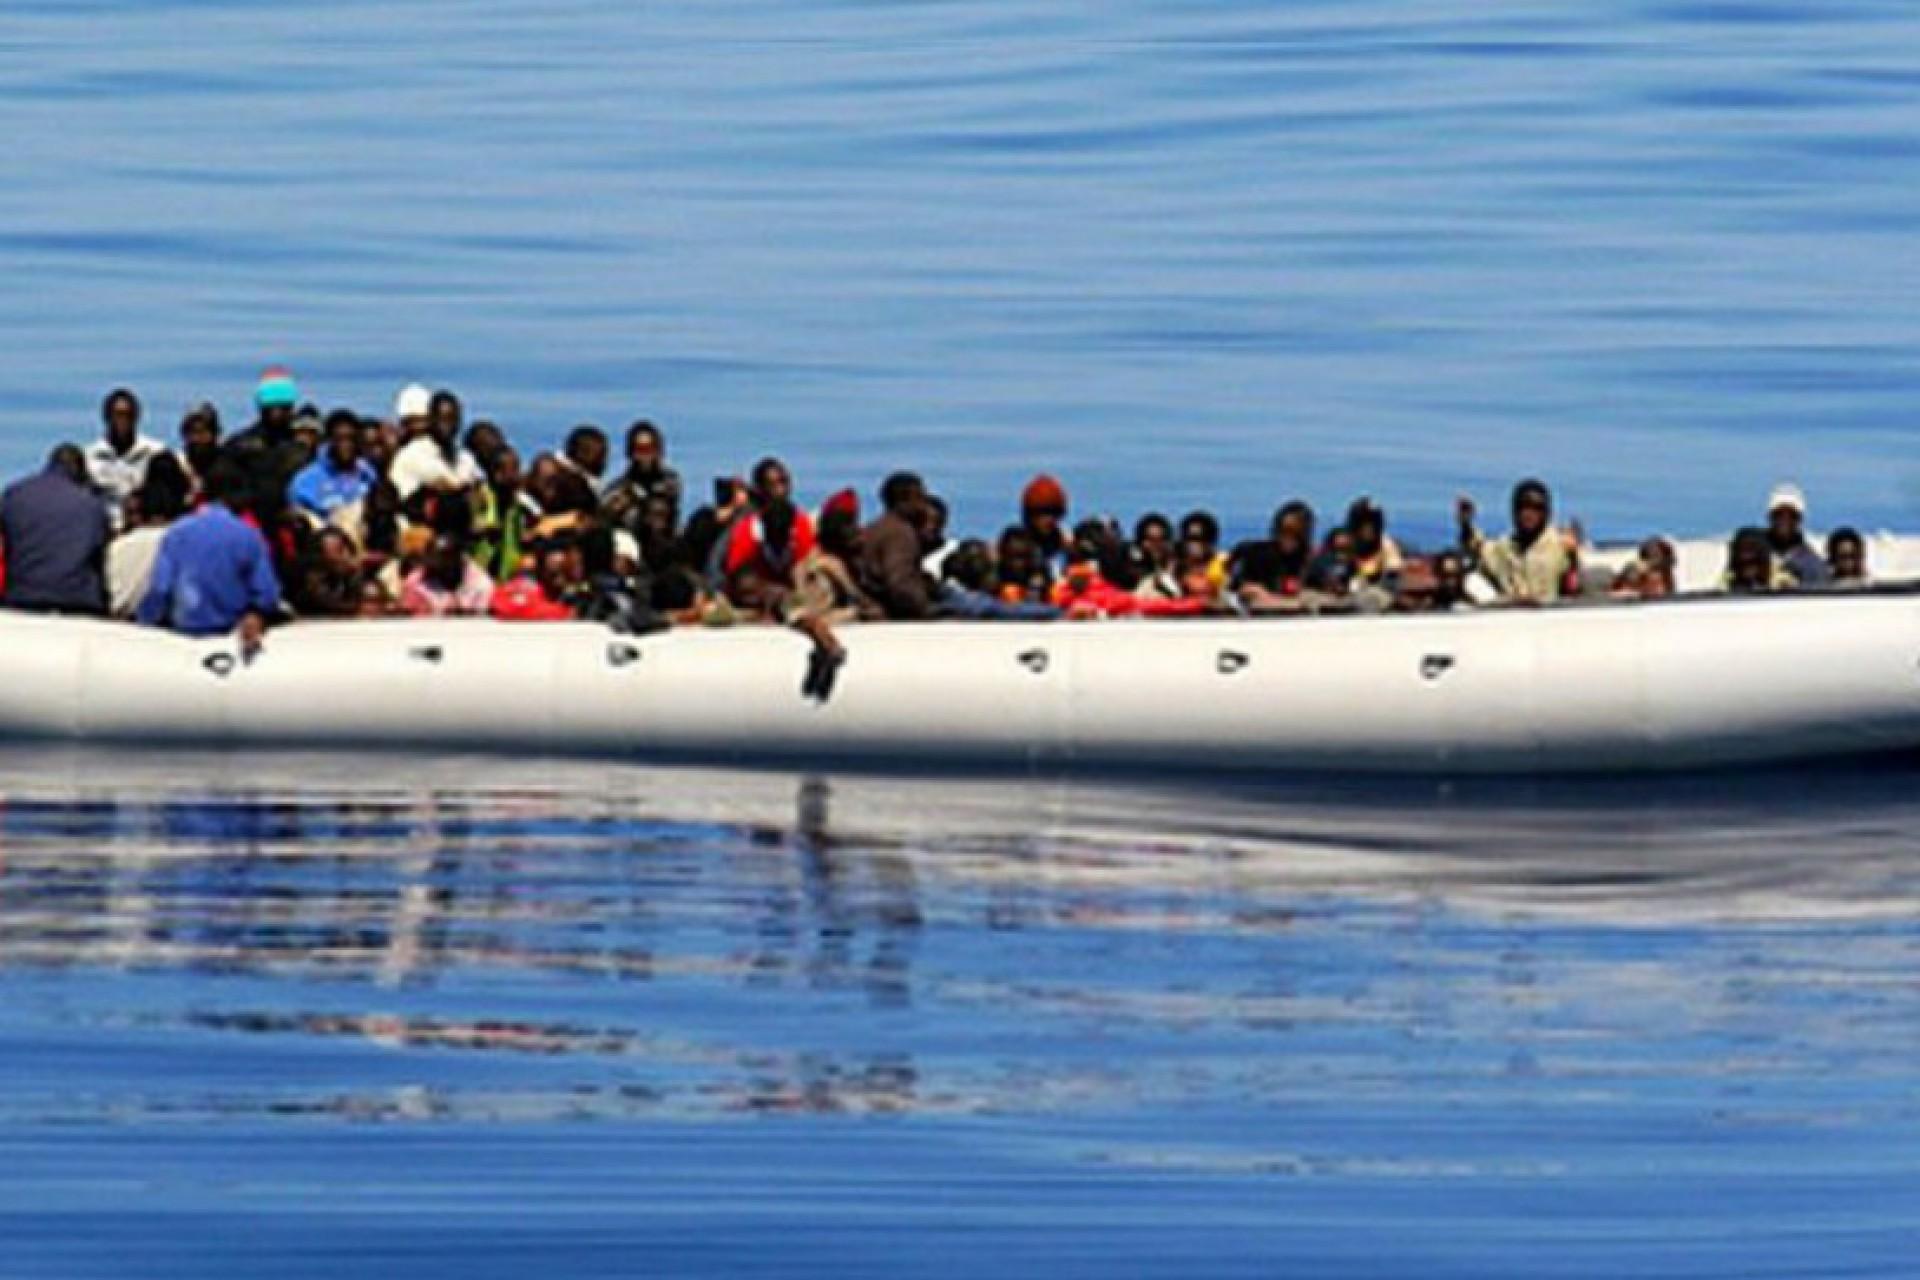 Uratowano około 2300 migrantów